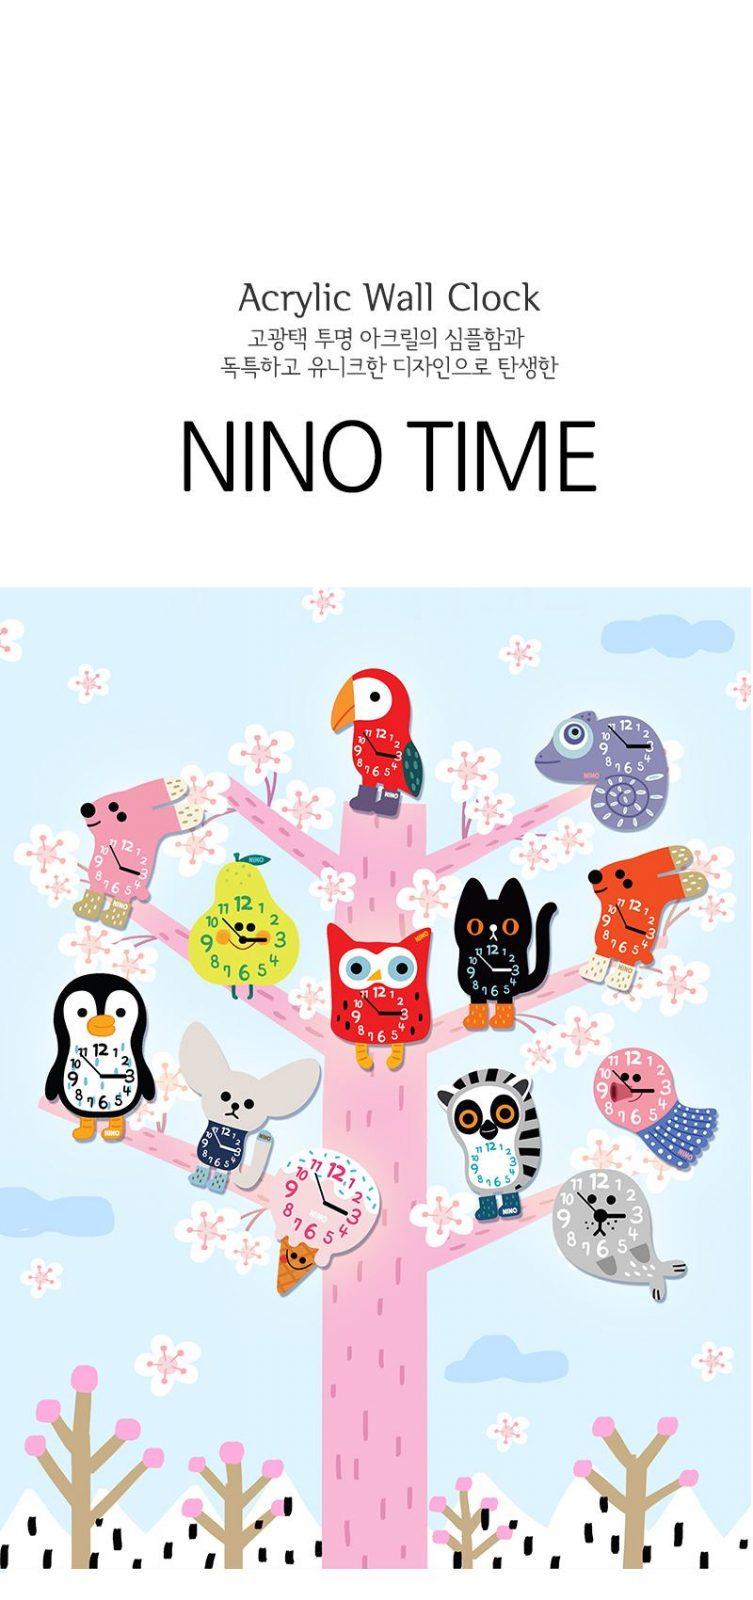 Nino Time